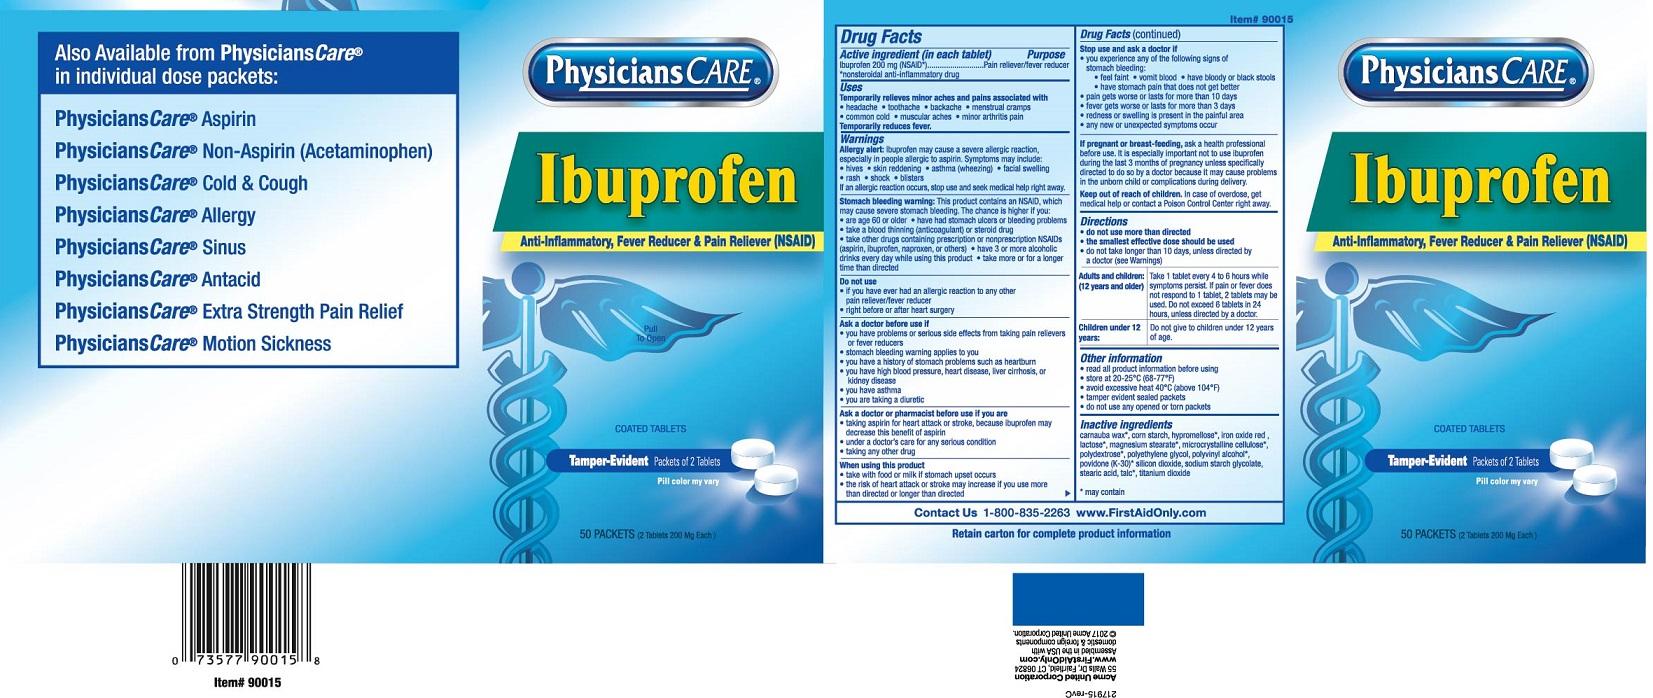 PC 90015 Ibuprofen